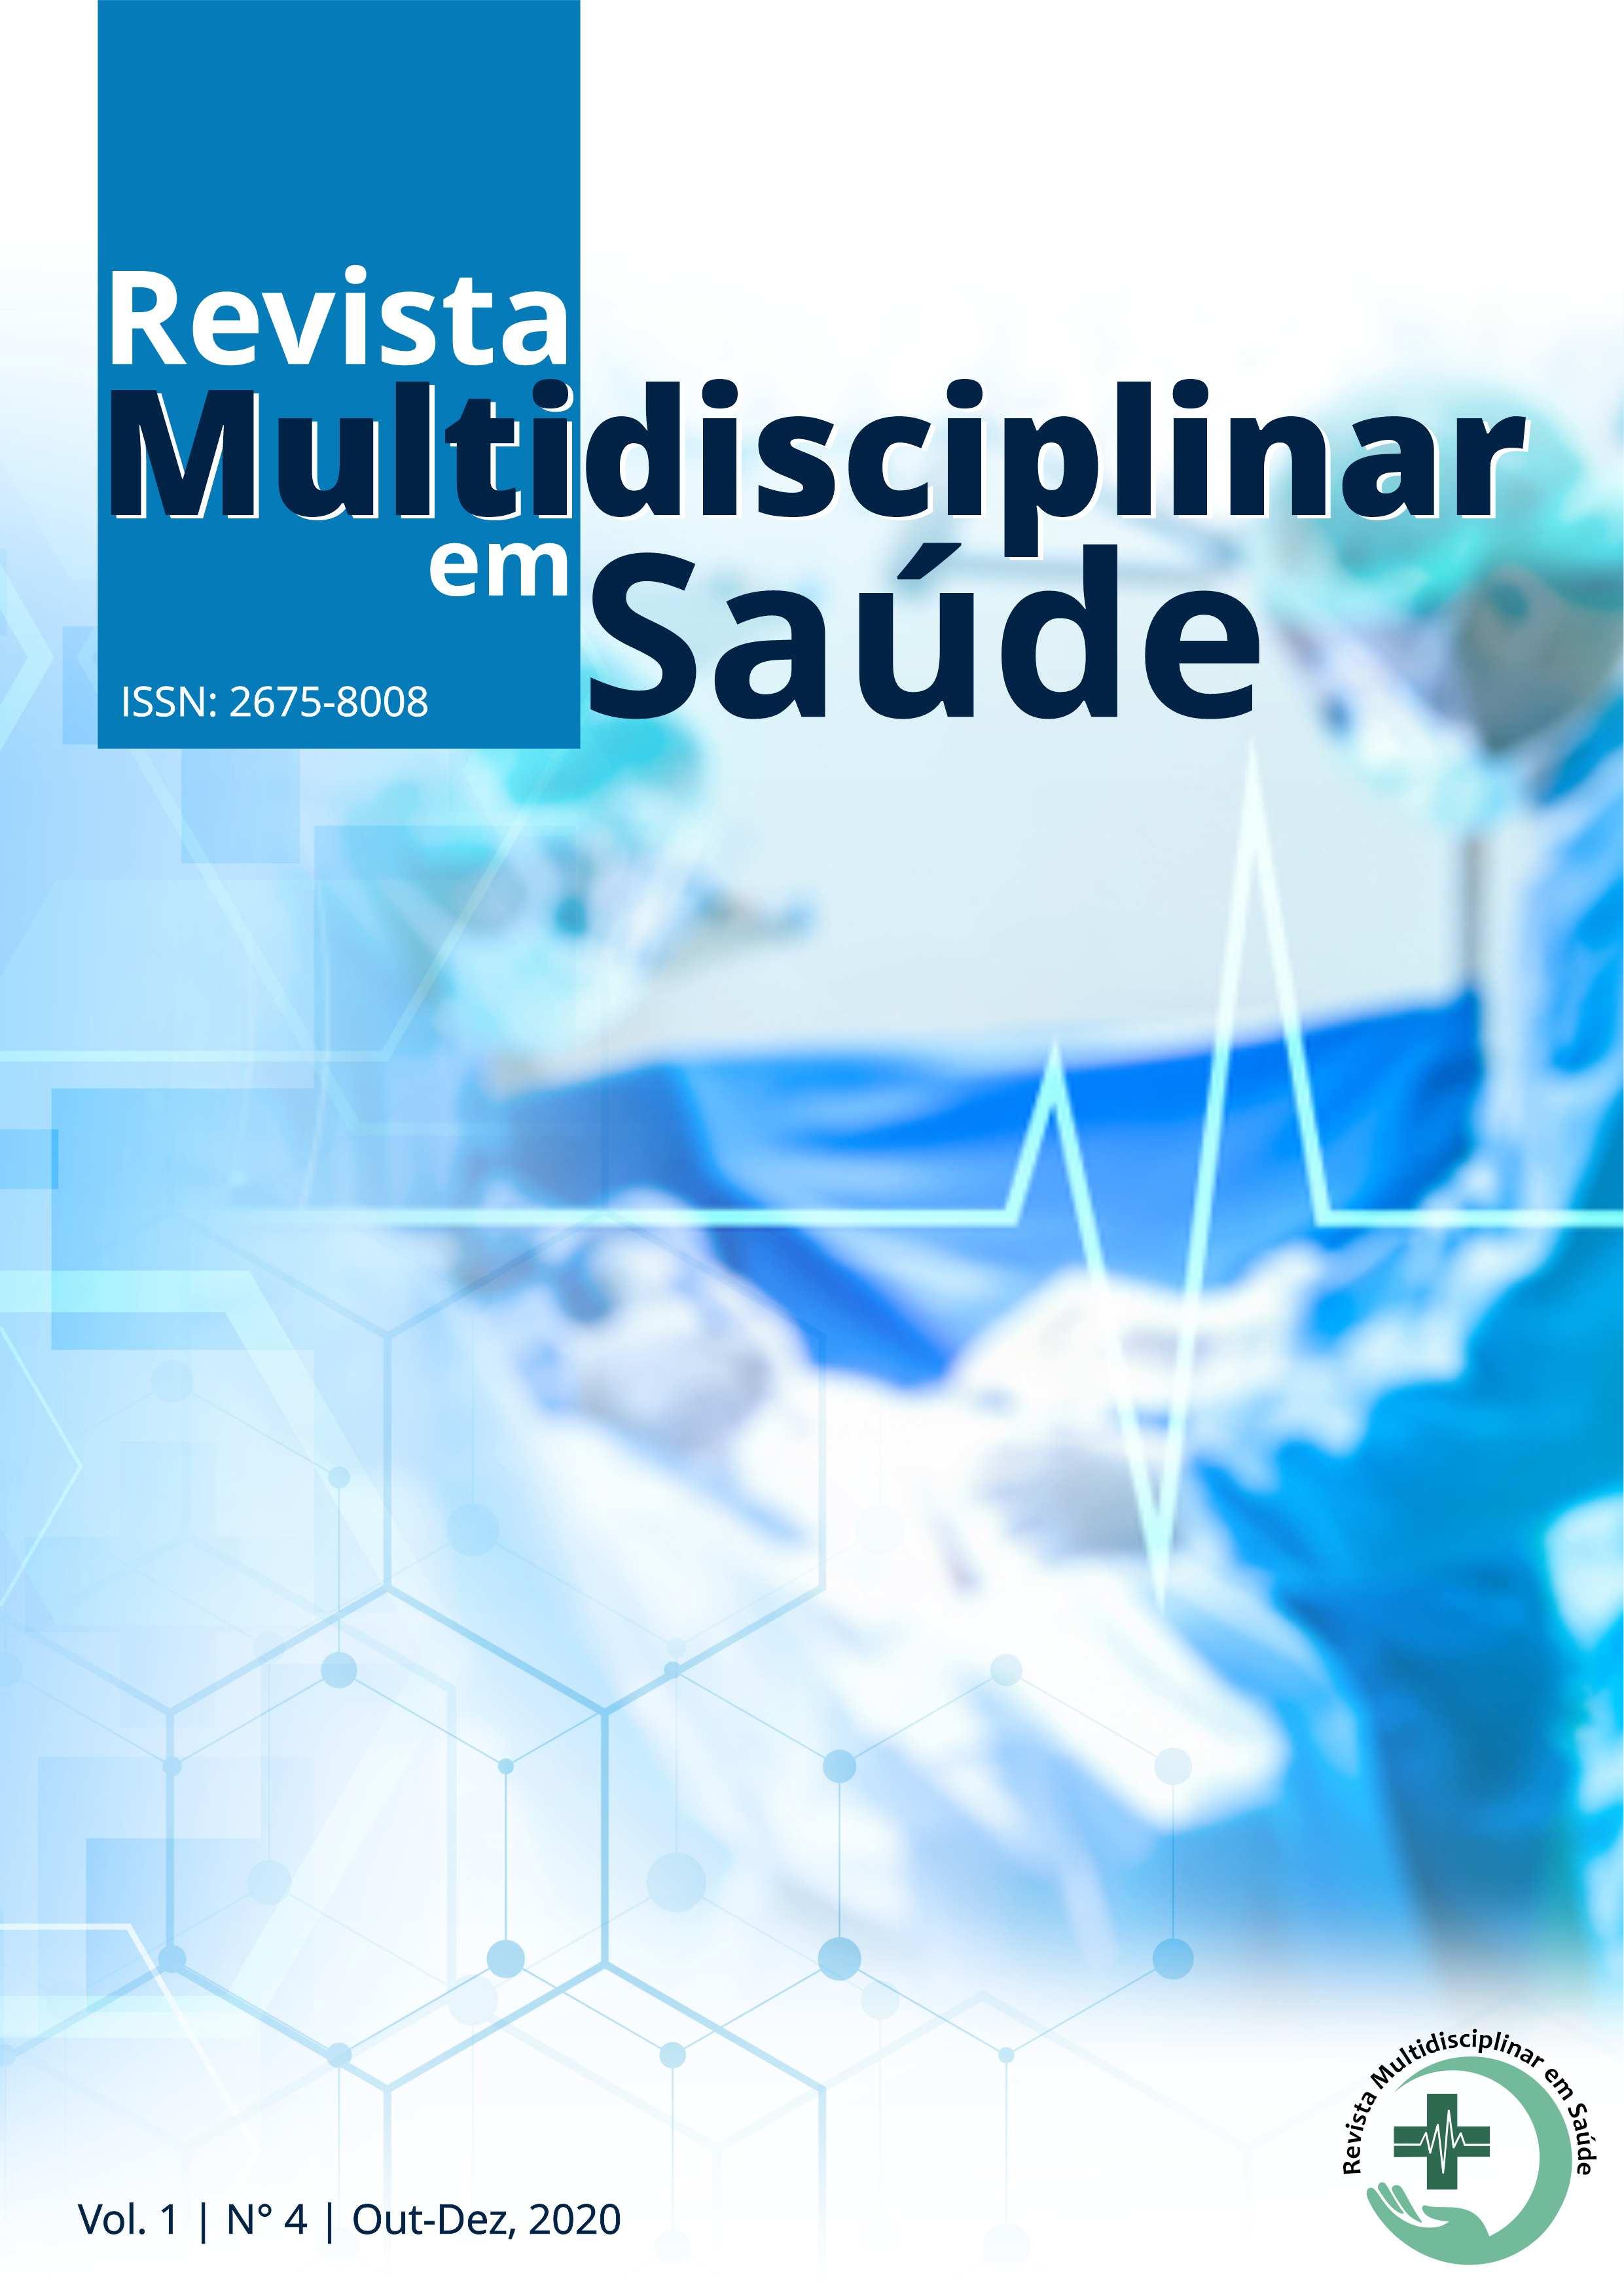 Revista Multidisciplinar em Saúde - V. 1, N. 4, 2020